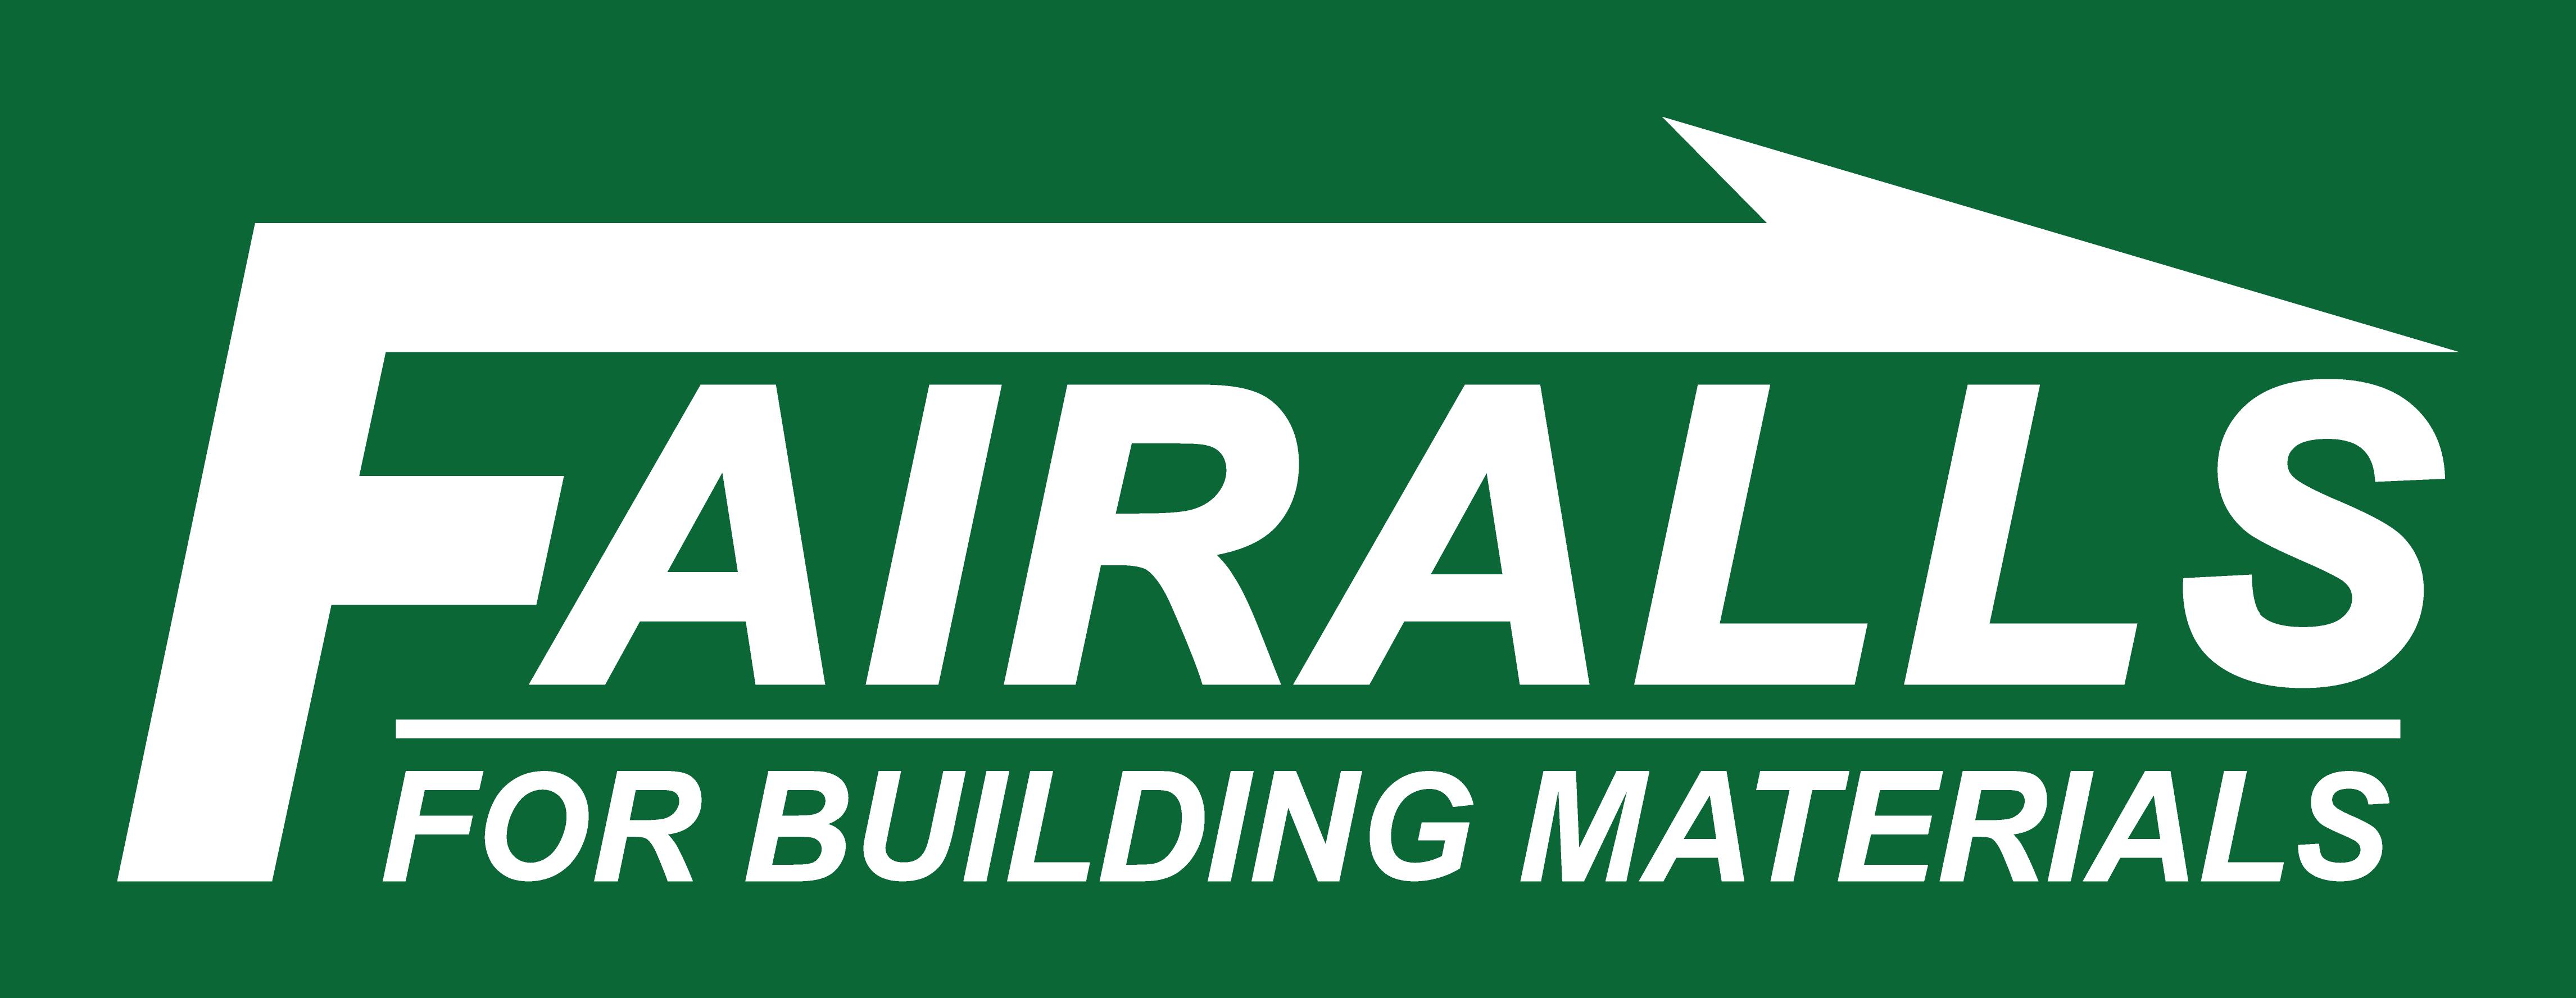 Fairalls Builders Merchants